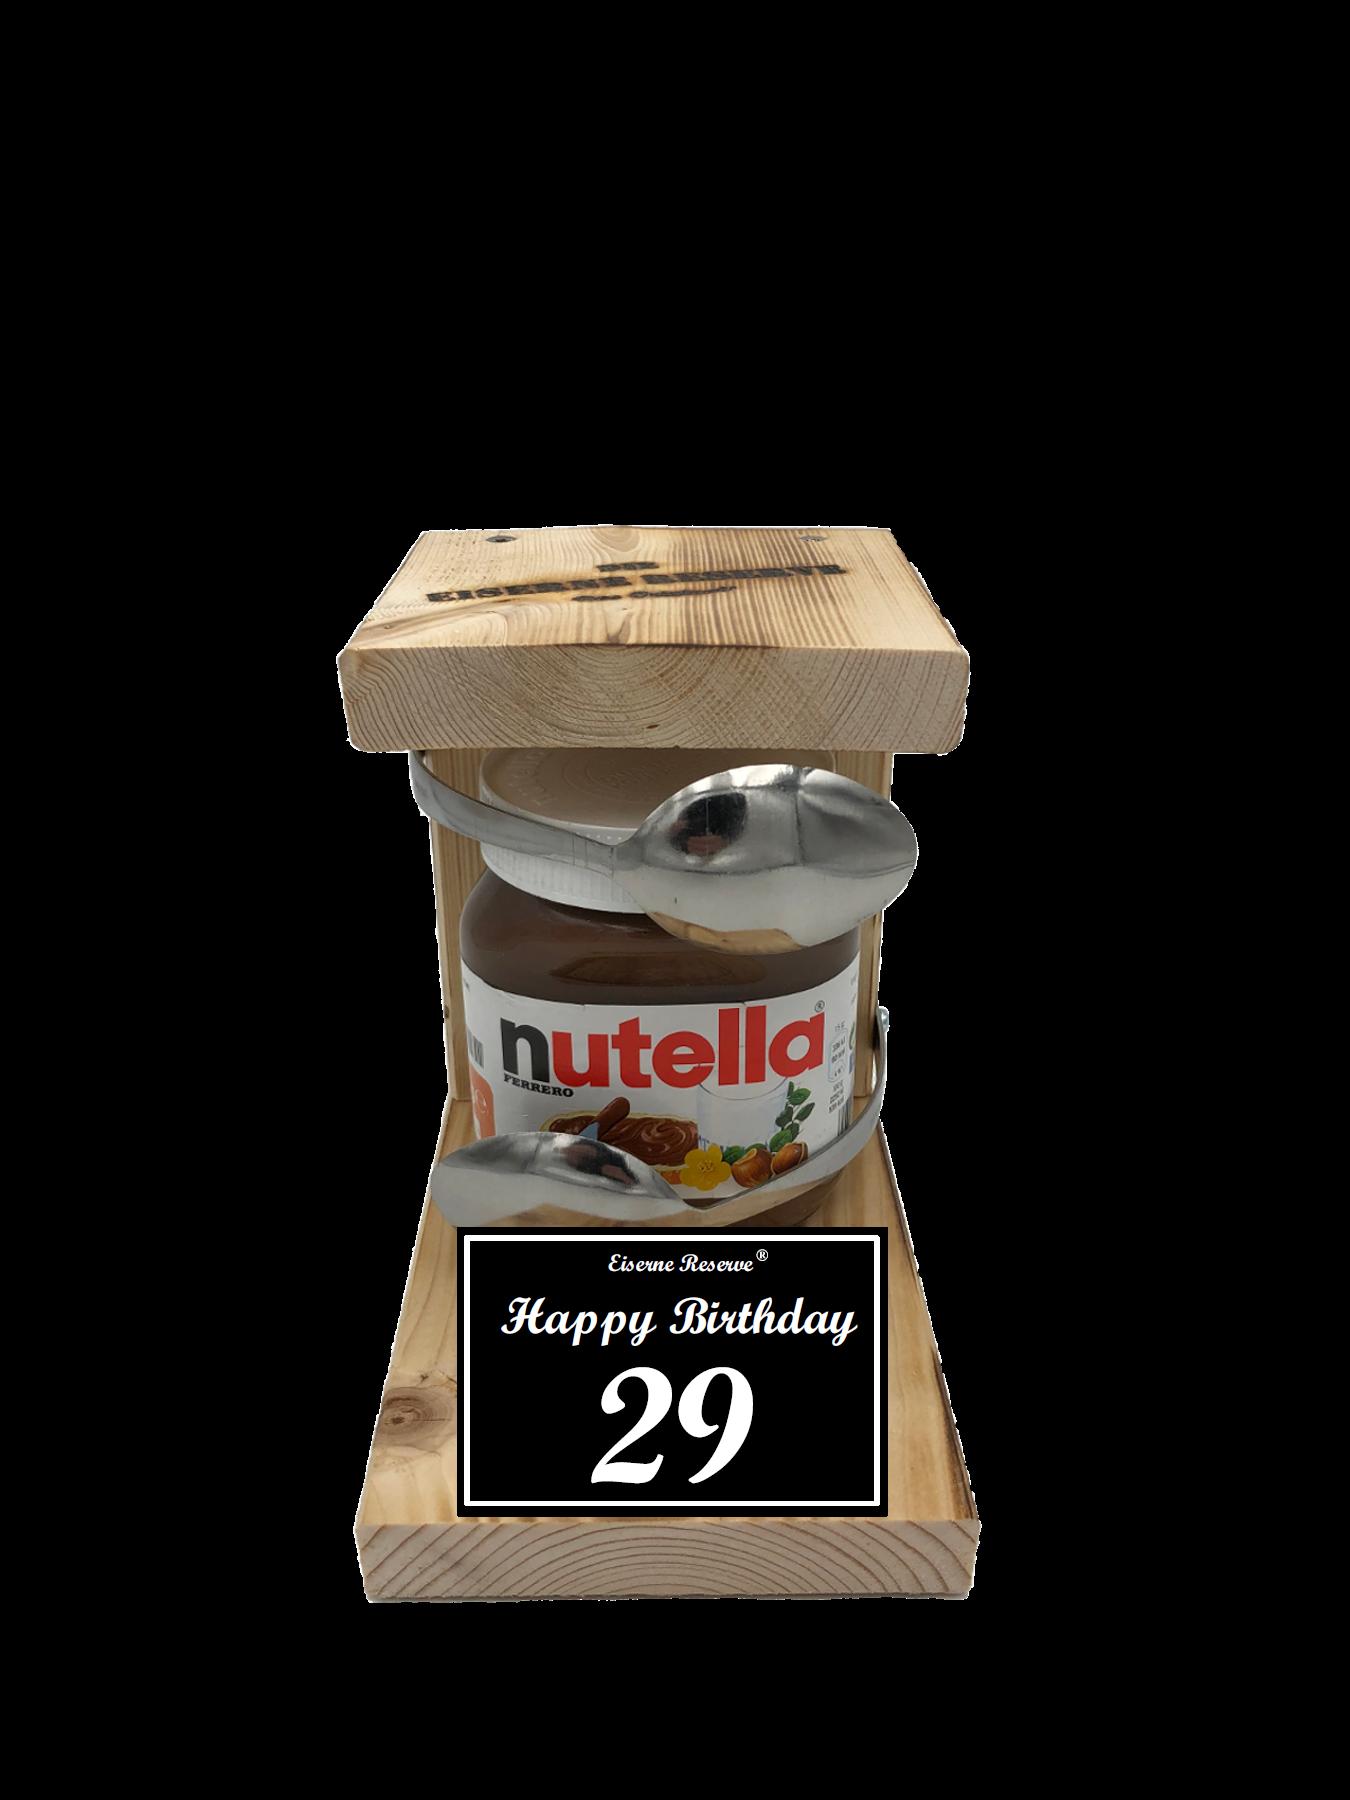 29 Happy Birthday Löffel Nutella Geschenk - Die Nutella Geschenkidee